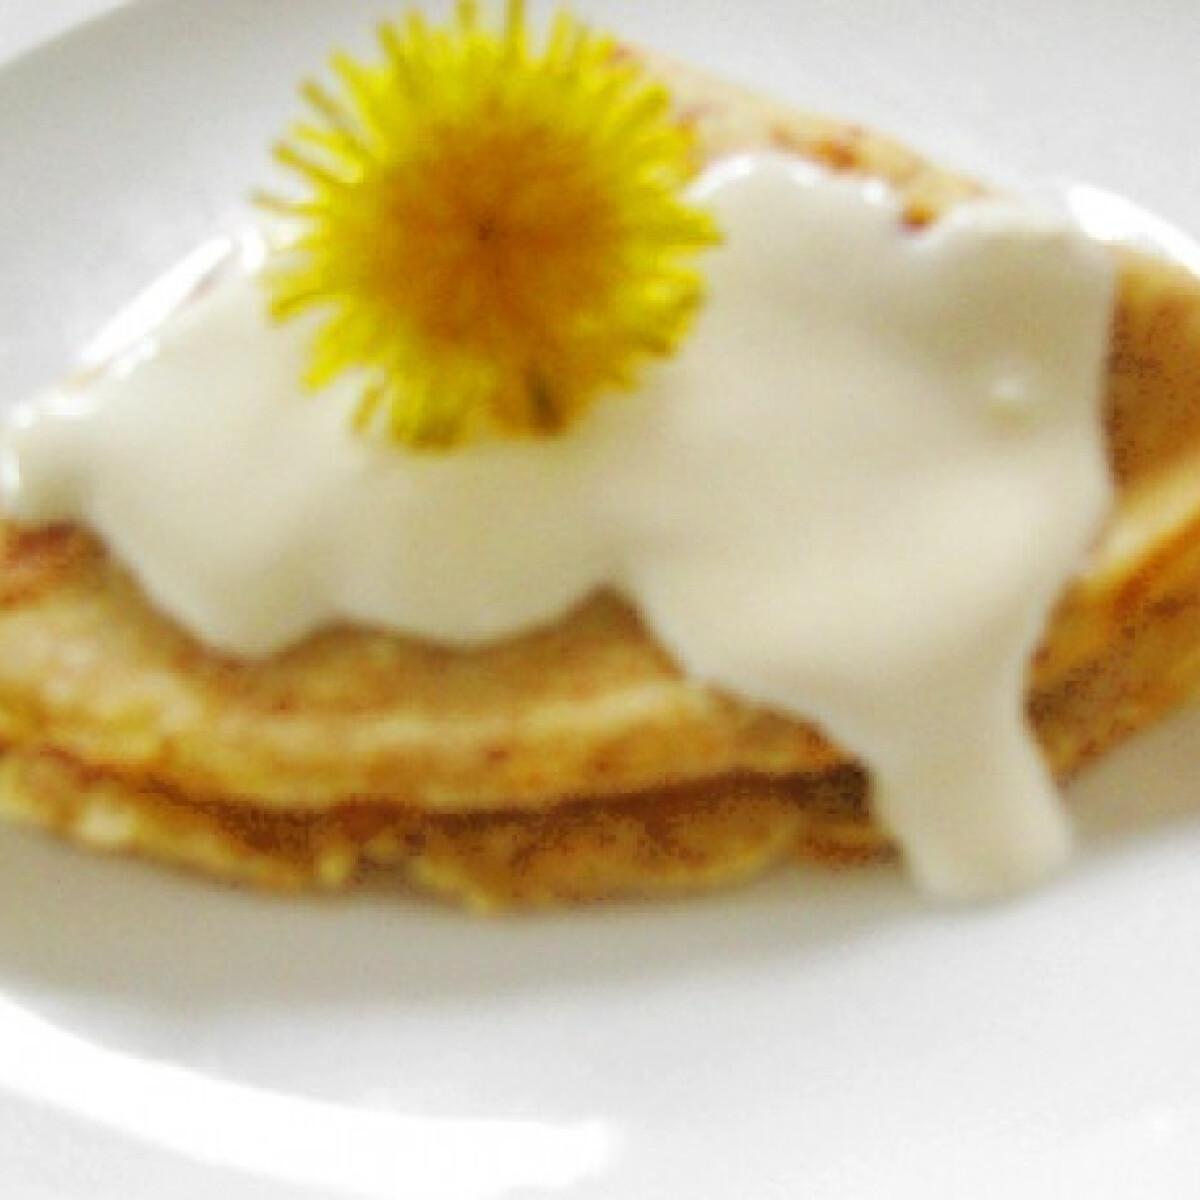 Ezen a képen: Répás palacsinta narancsos-tejfölös öntettel